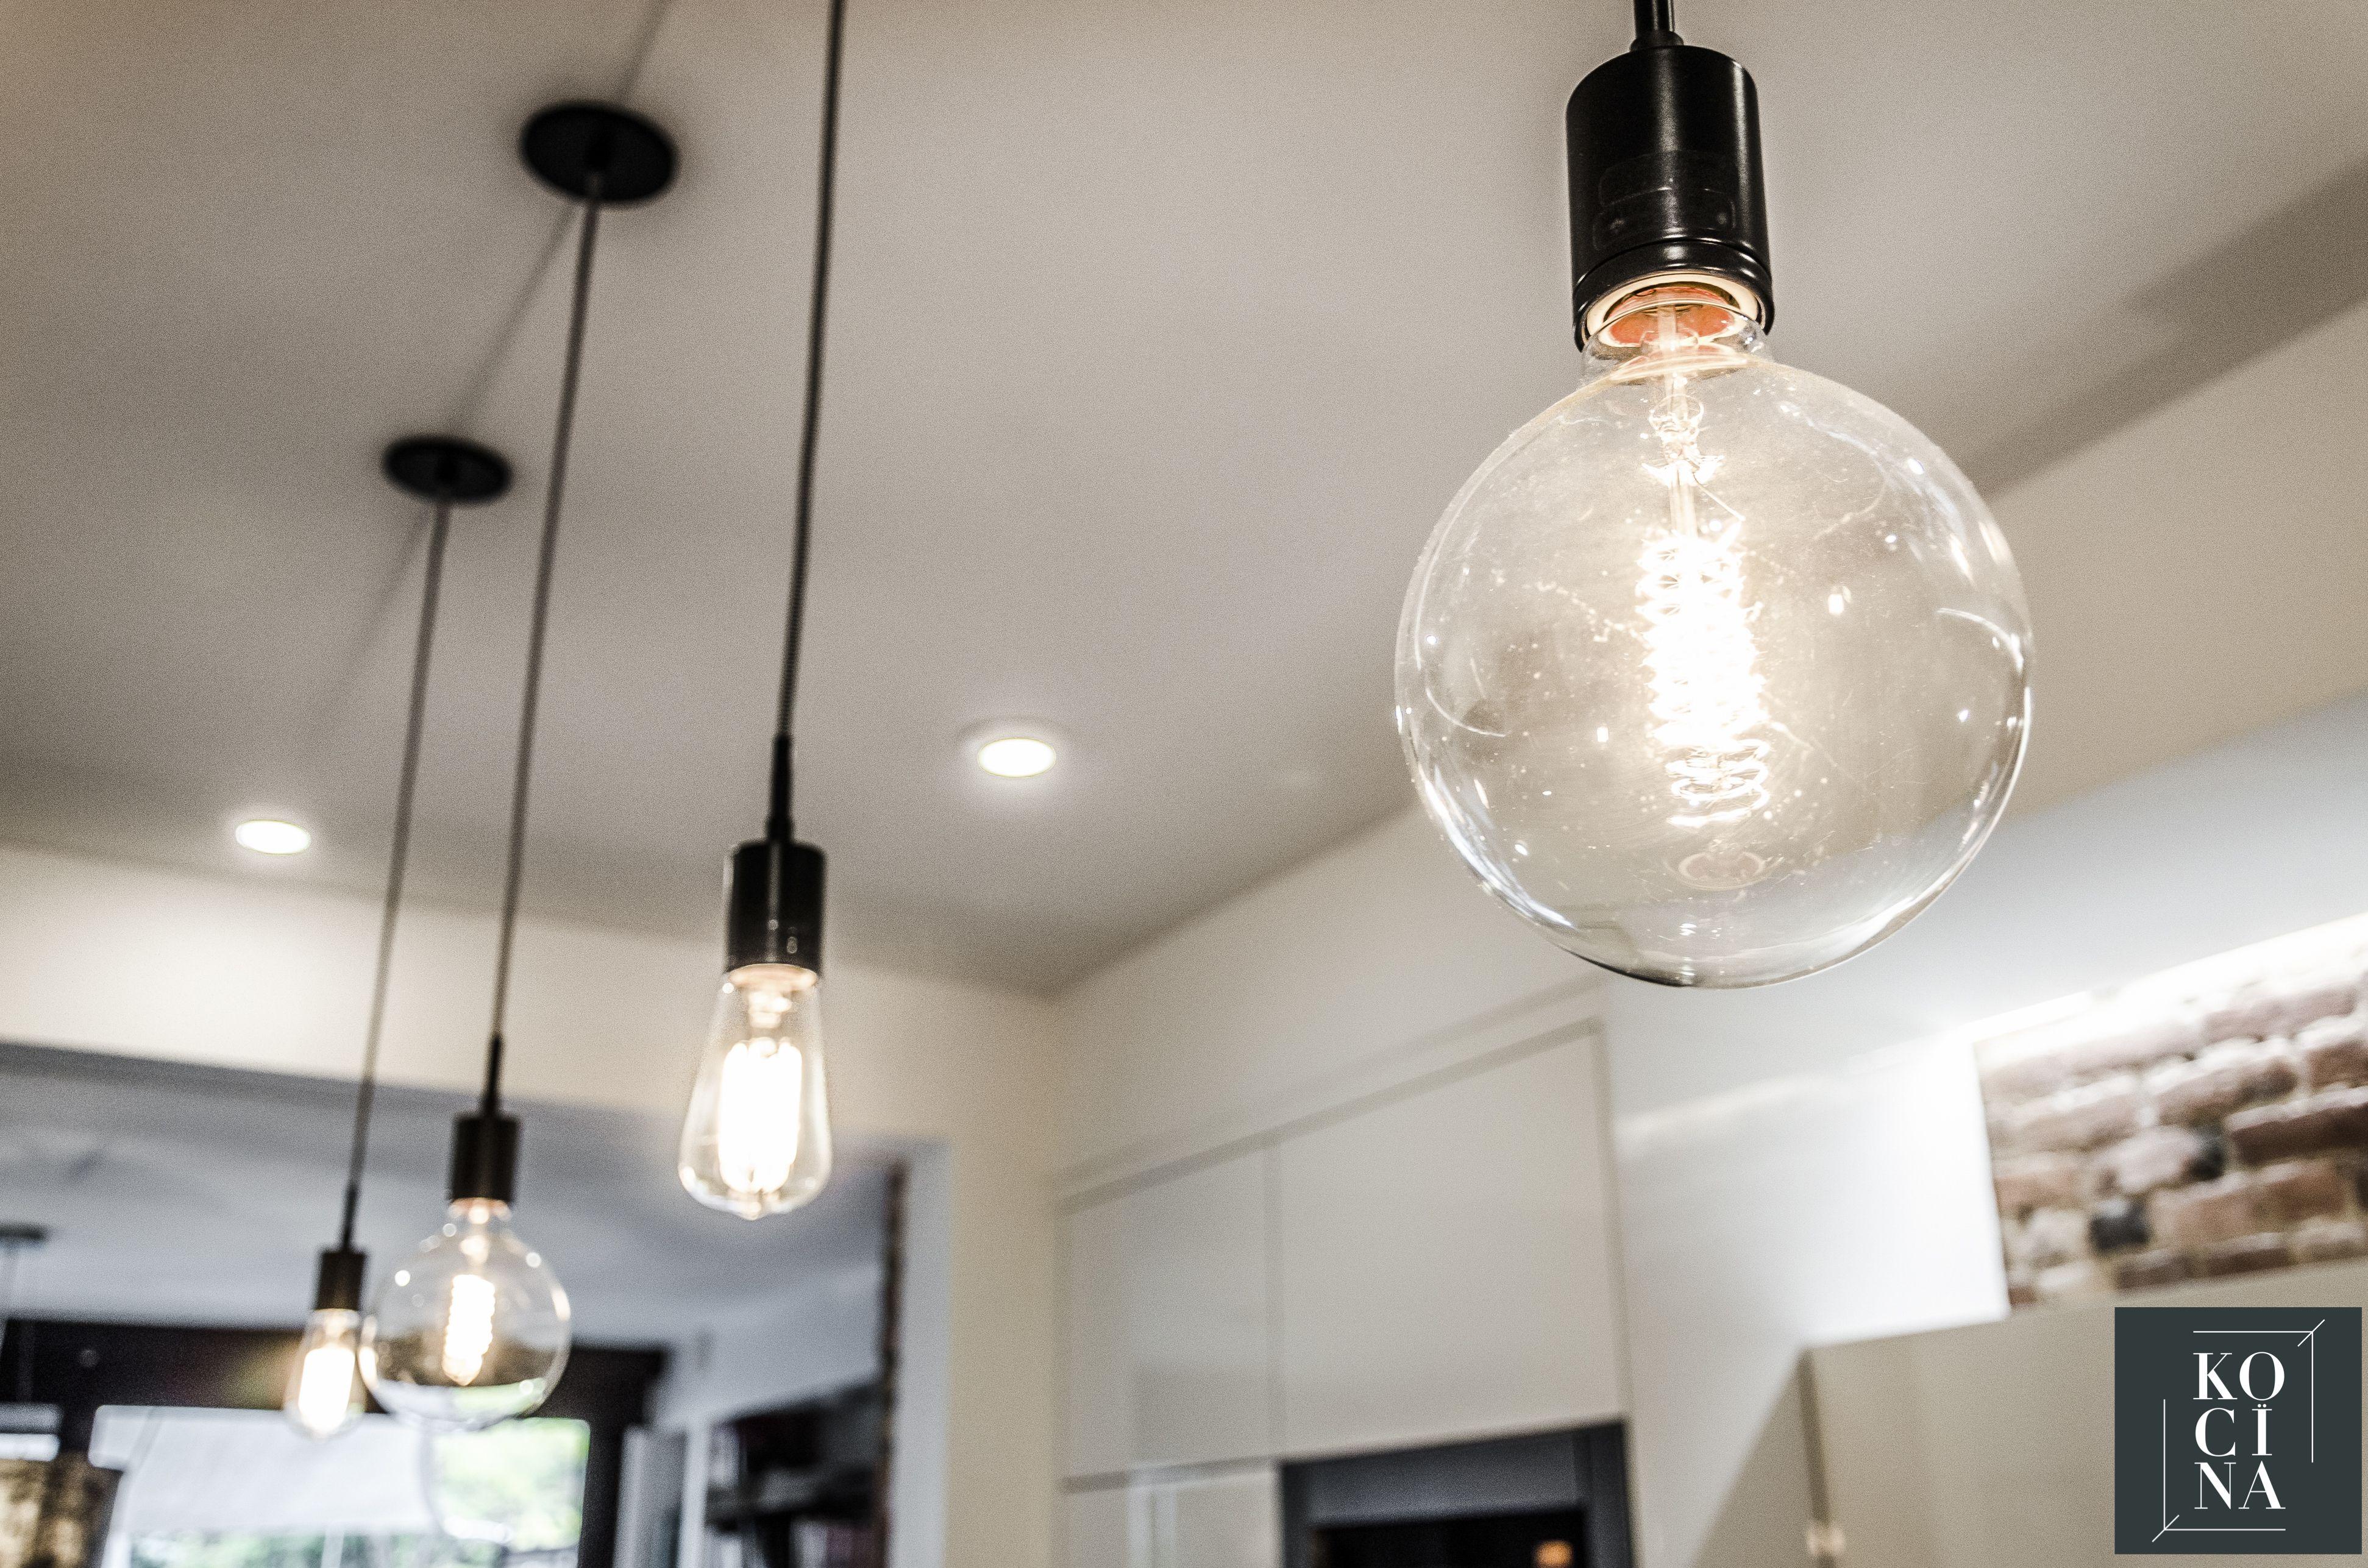 Luminaires de type industriel éclairage LED tr¨s net Fournisseur